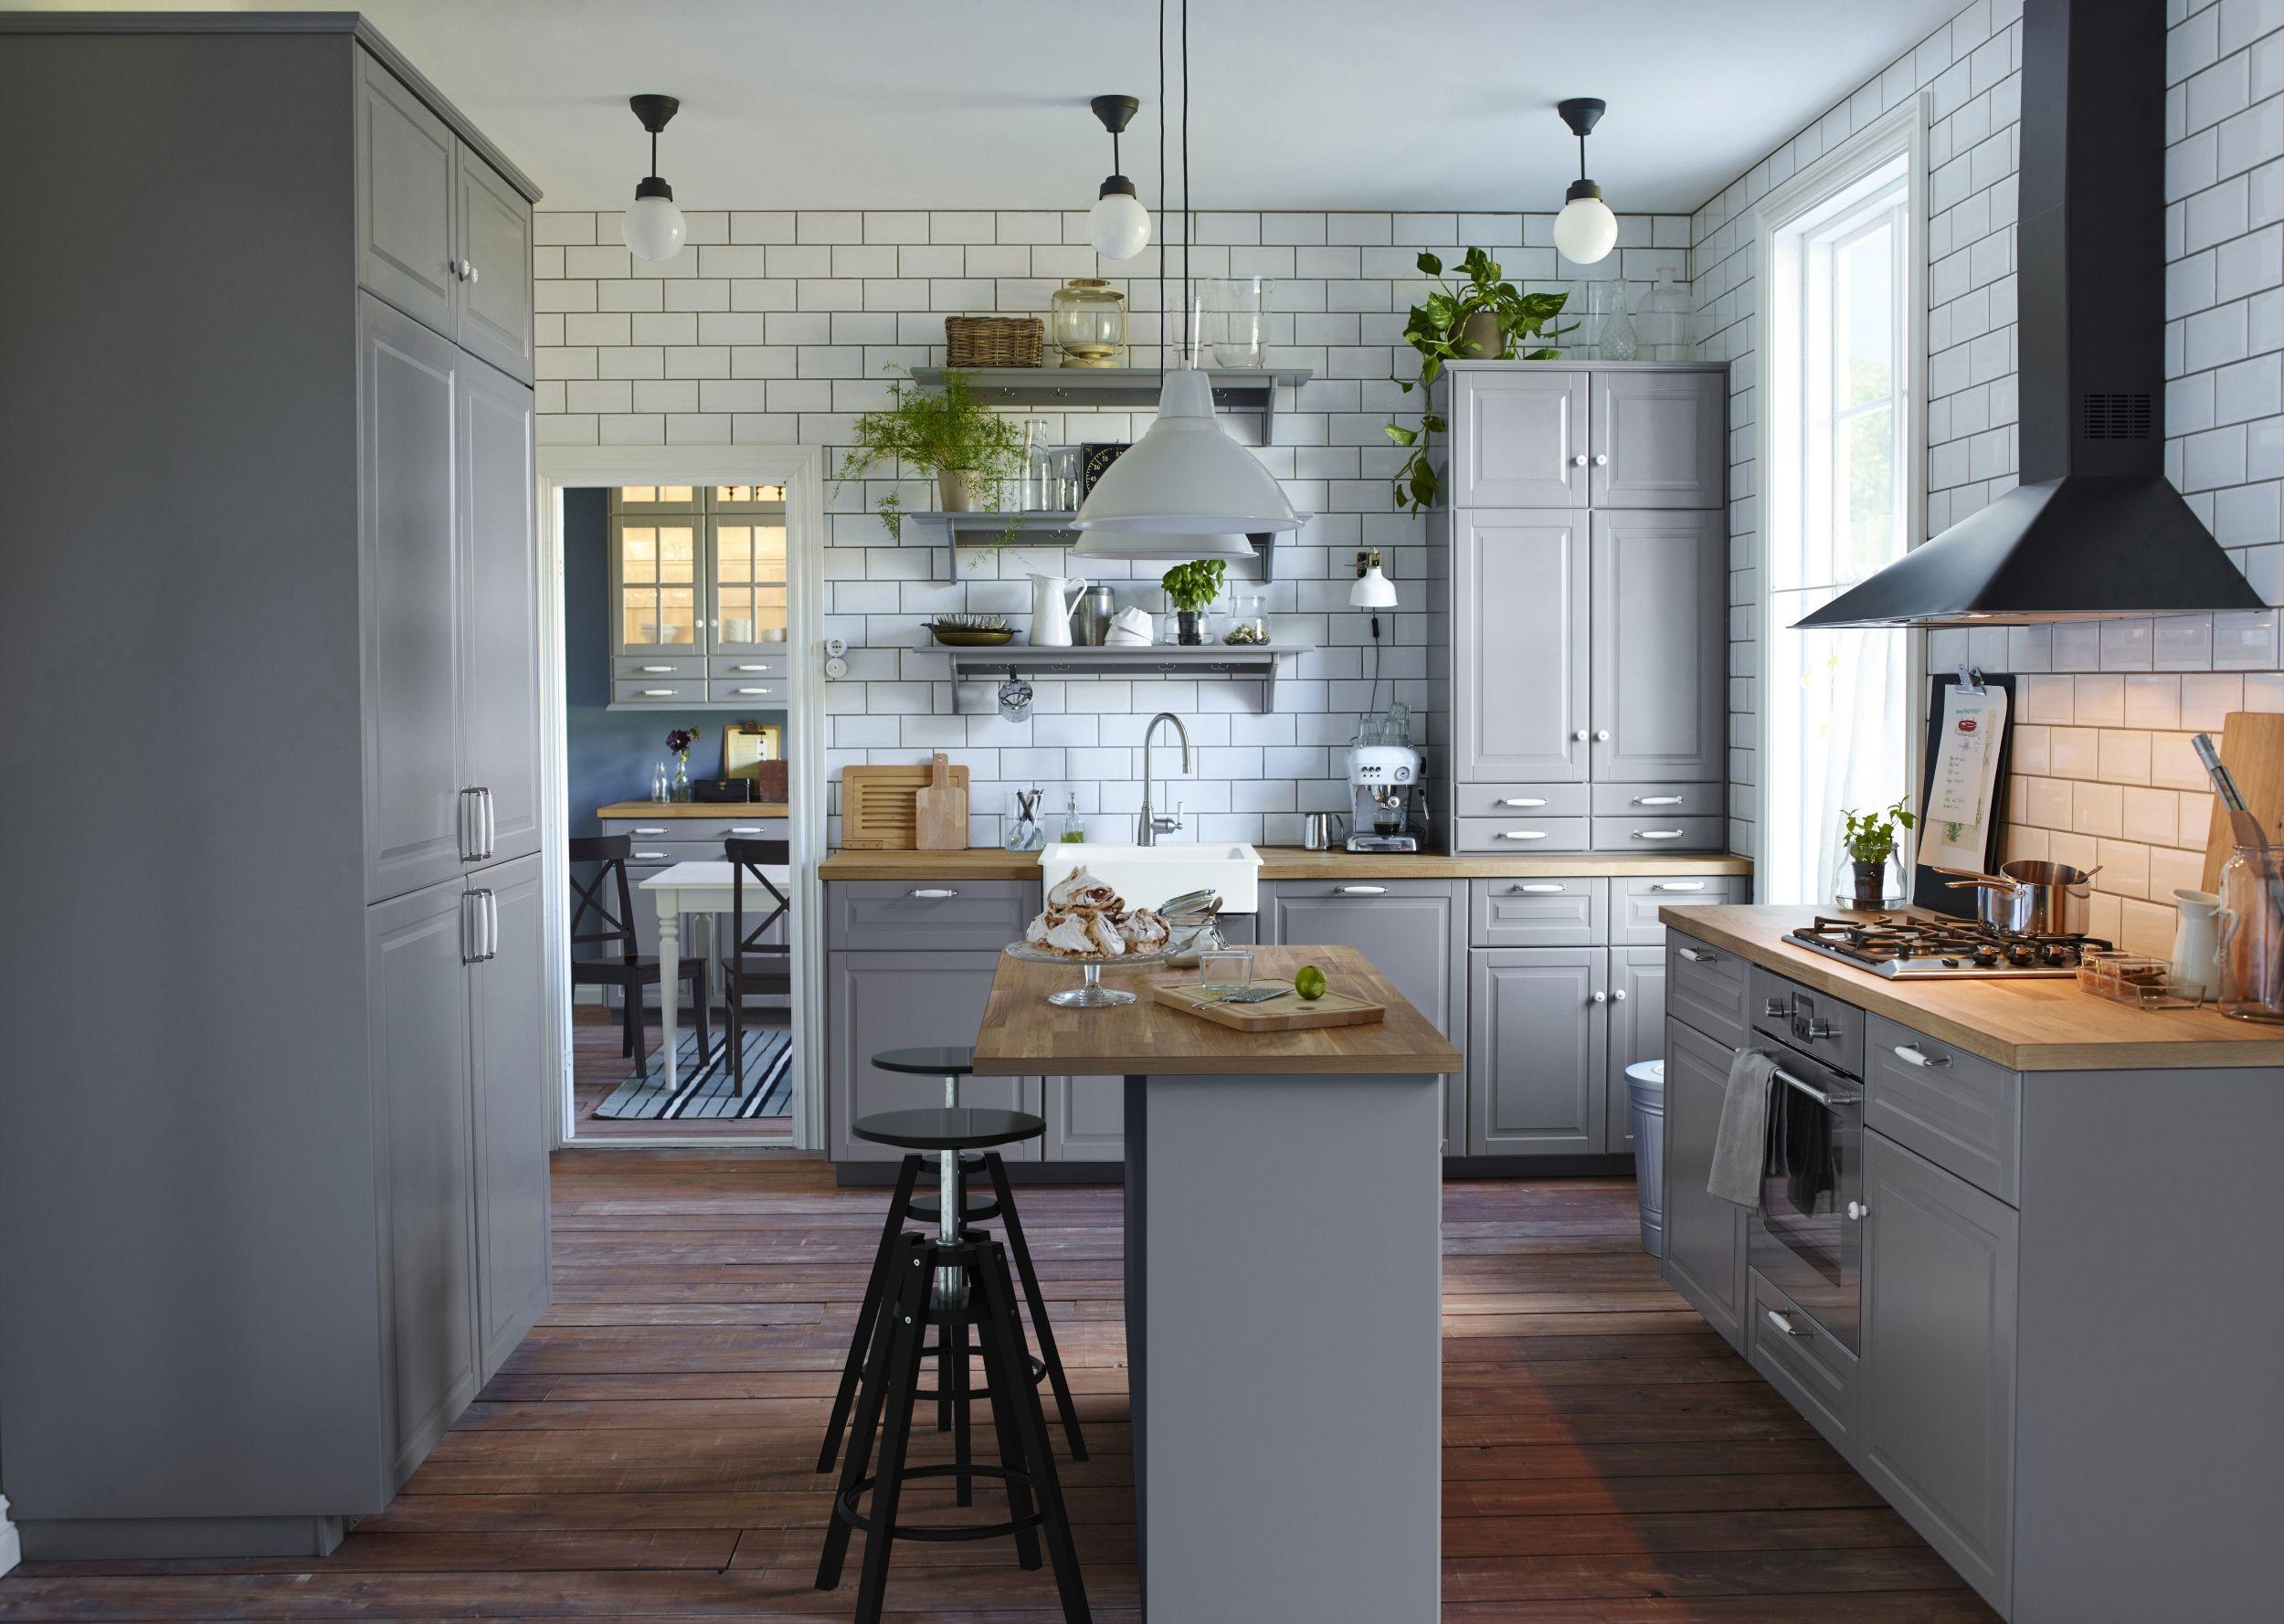 Dale vida a tu cocina #IKEA con mucha luz. | METOD, la cocina del ...